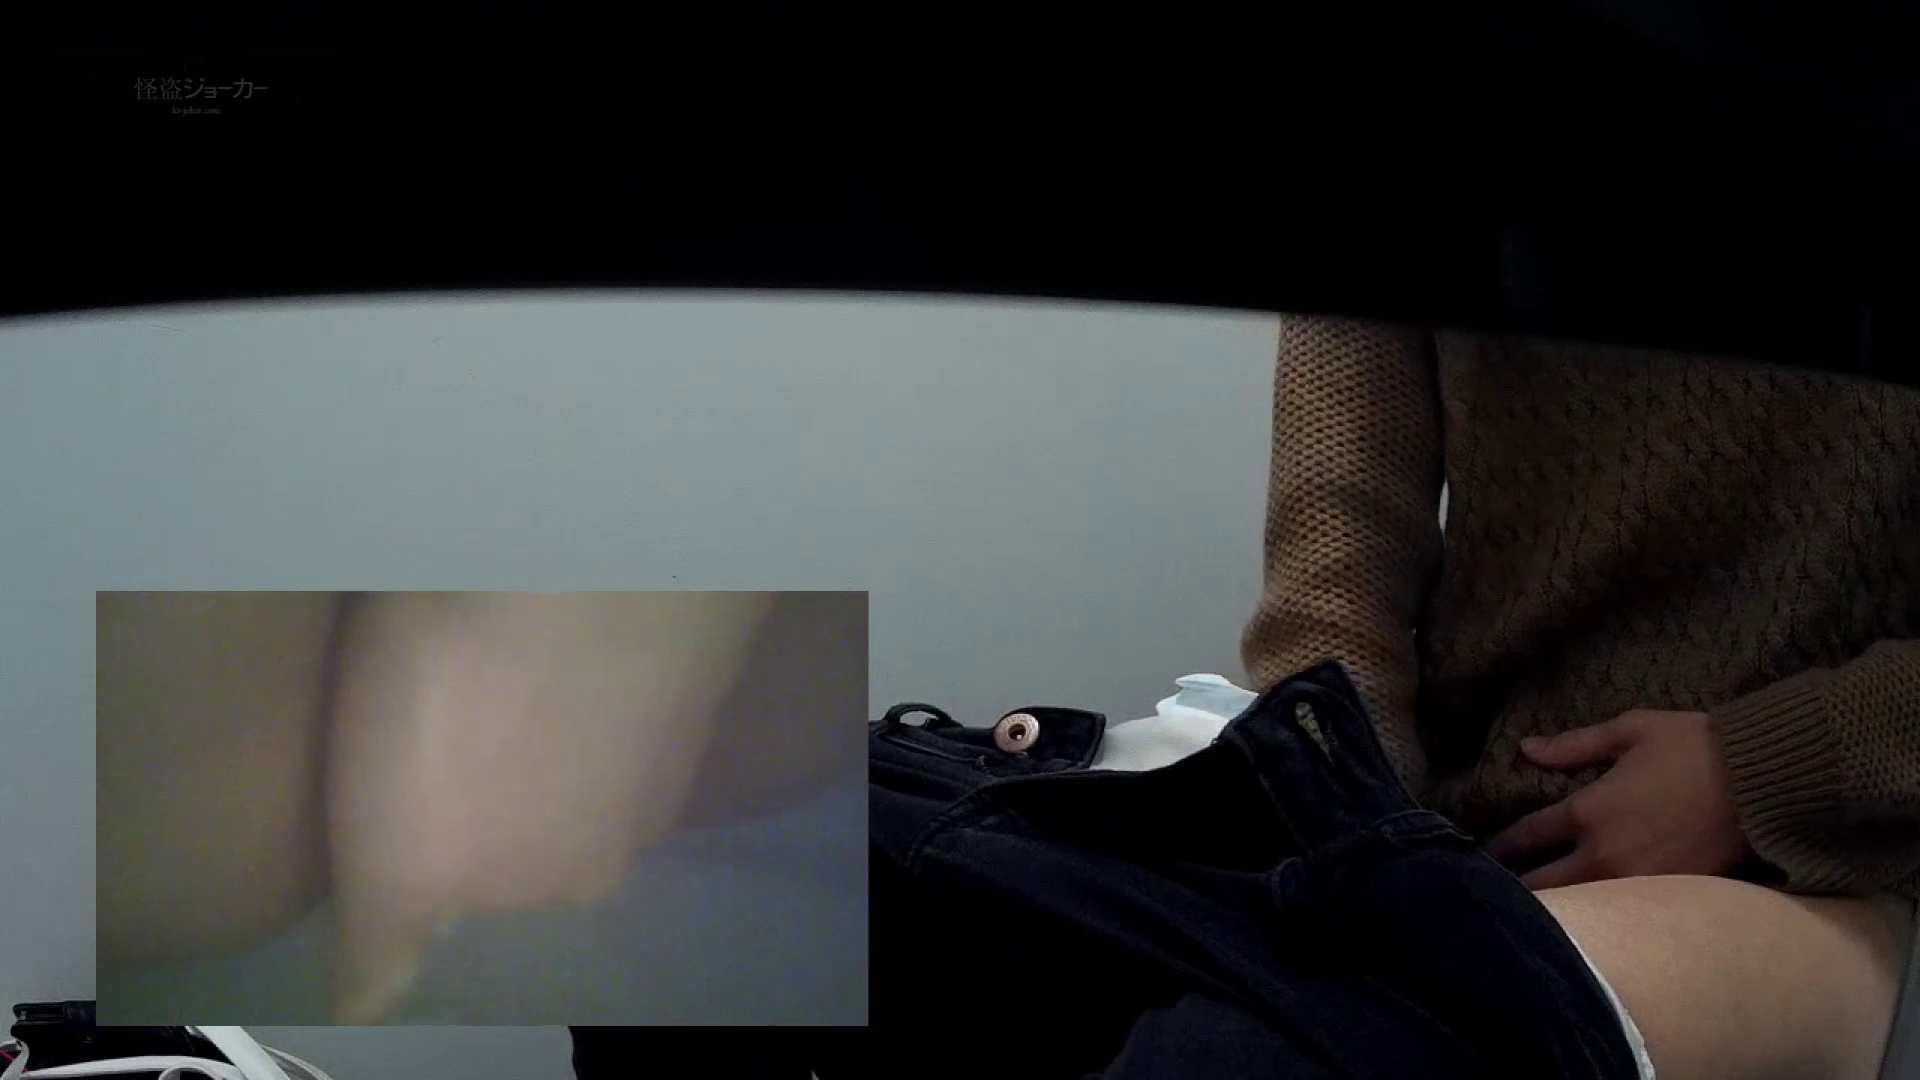 有名大学女性洗面所 vol.54 設置撮影最高峰!! 3視点でじっくり観察 OLのボディ われめAV動画紹介 86PIX 32